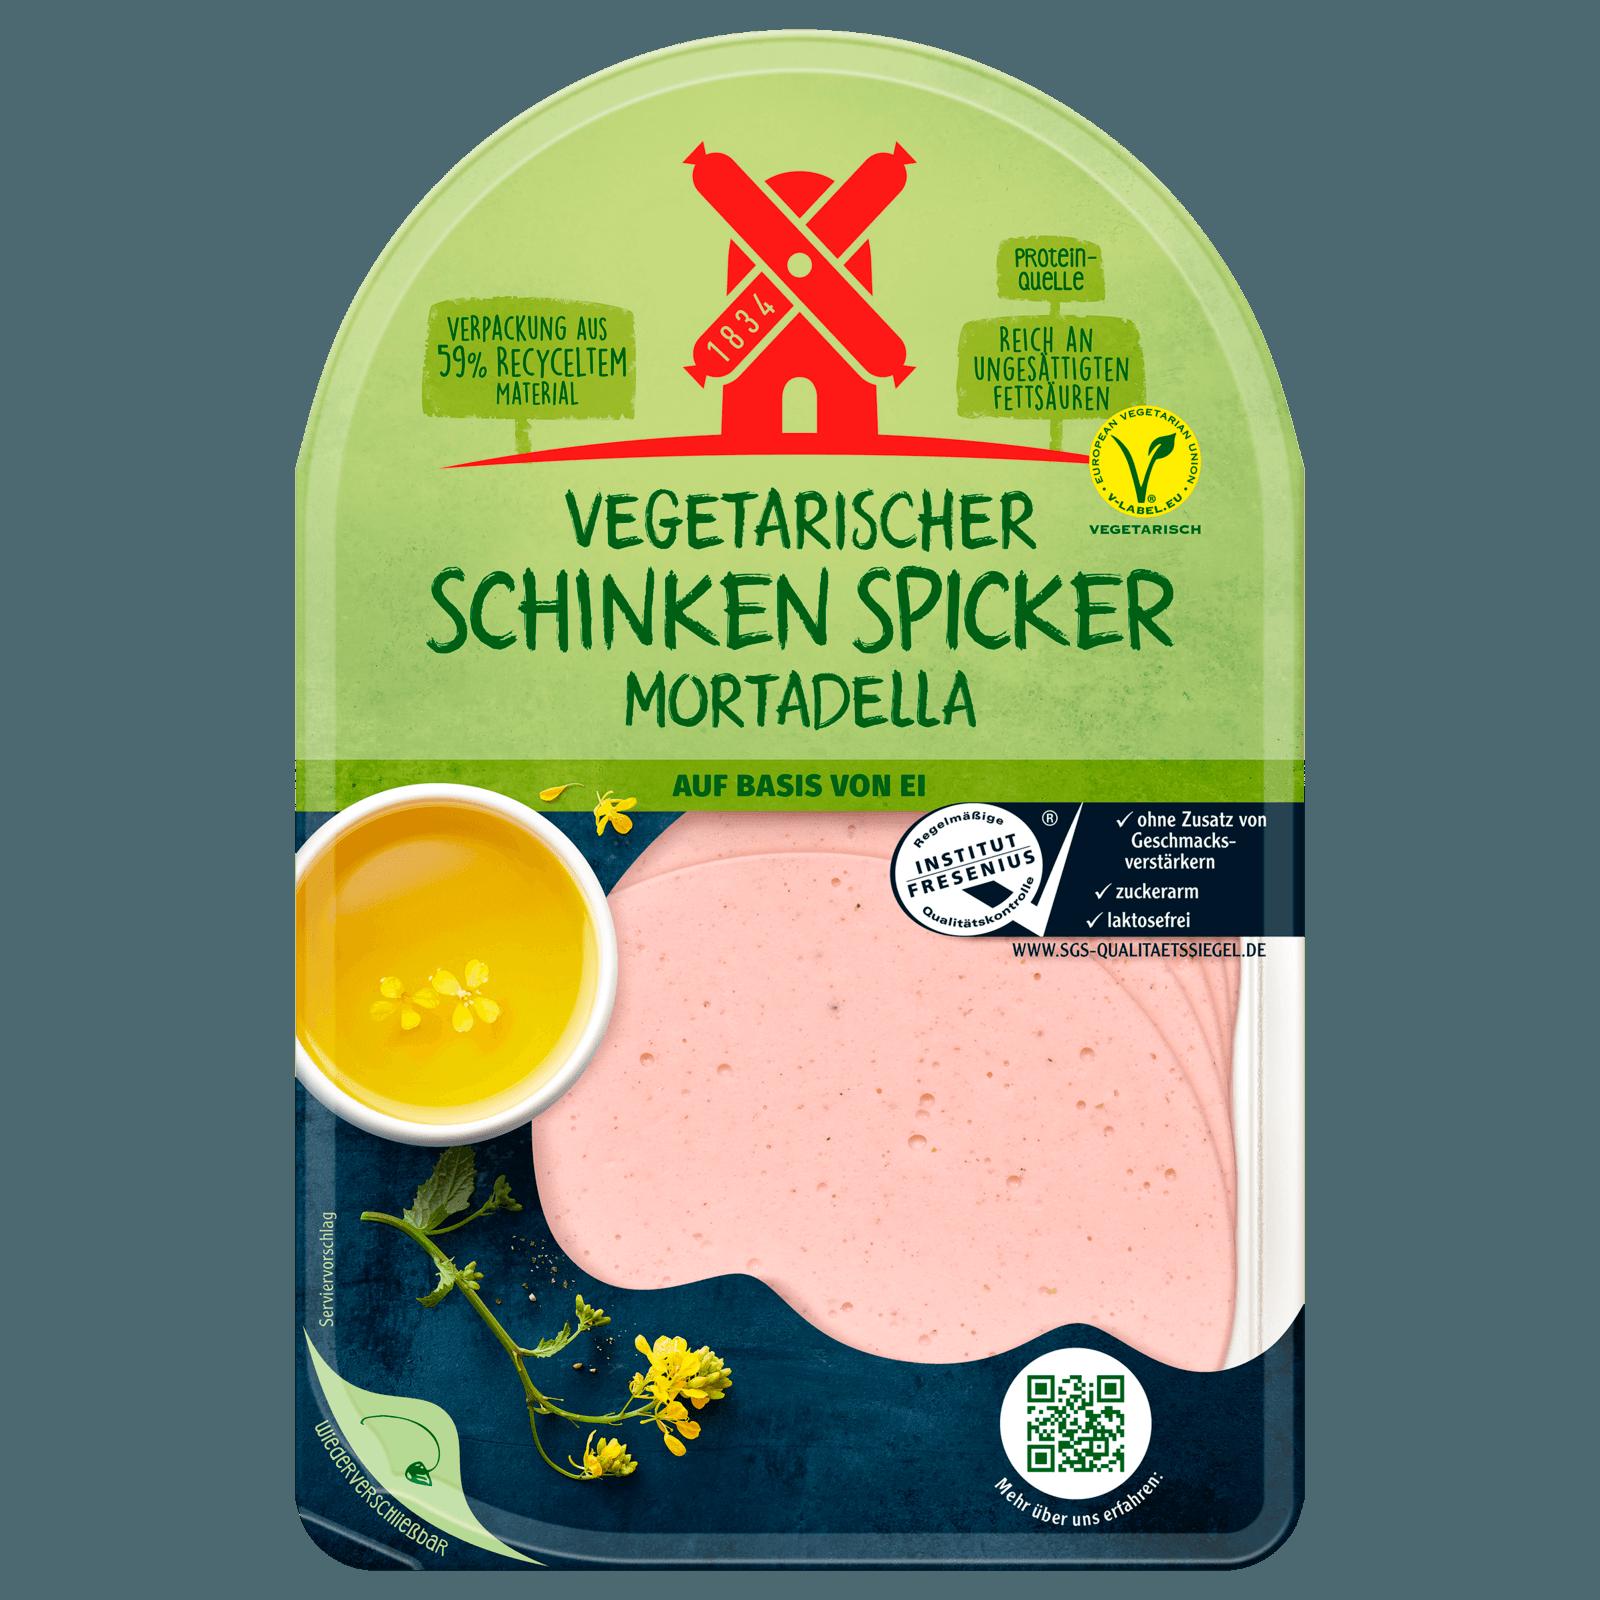 Rügenwalder Mühle Vegetarischer Schinken-Spicker Mortadella 80g